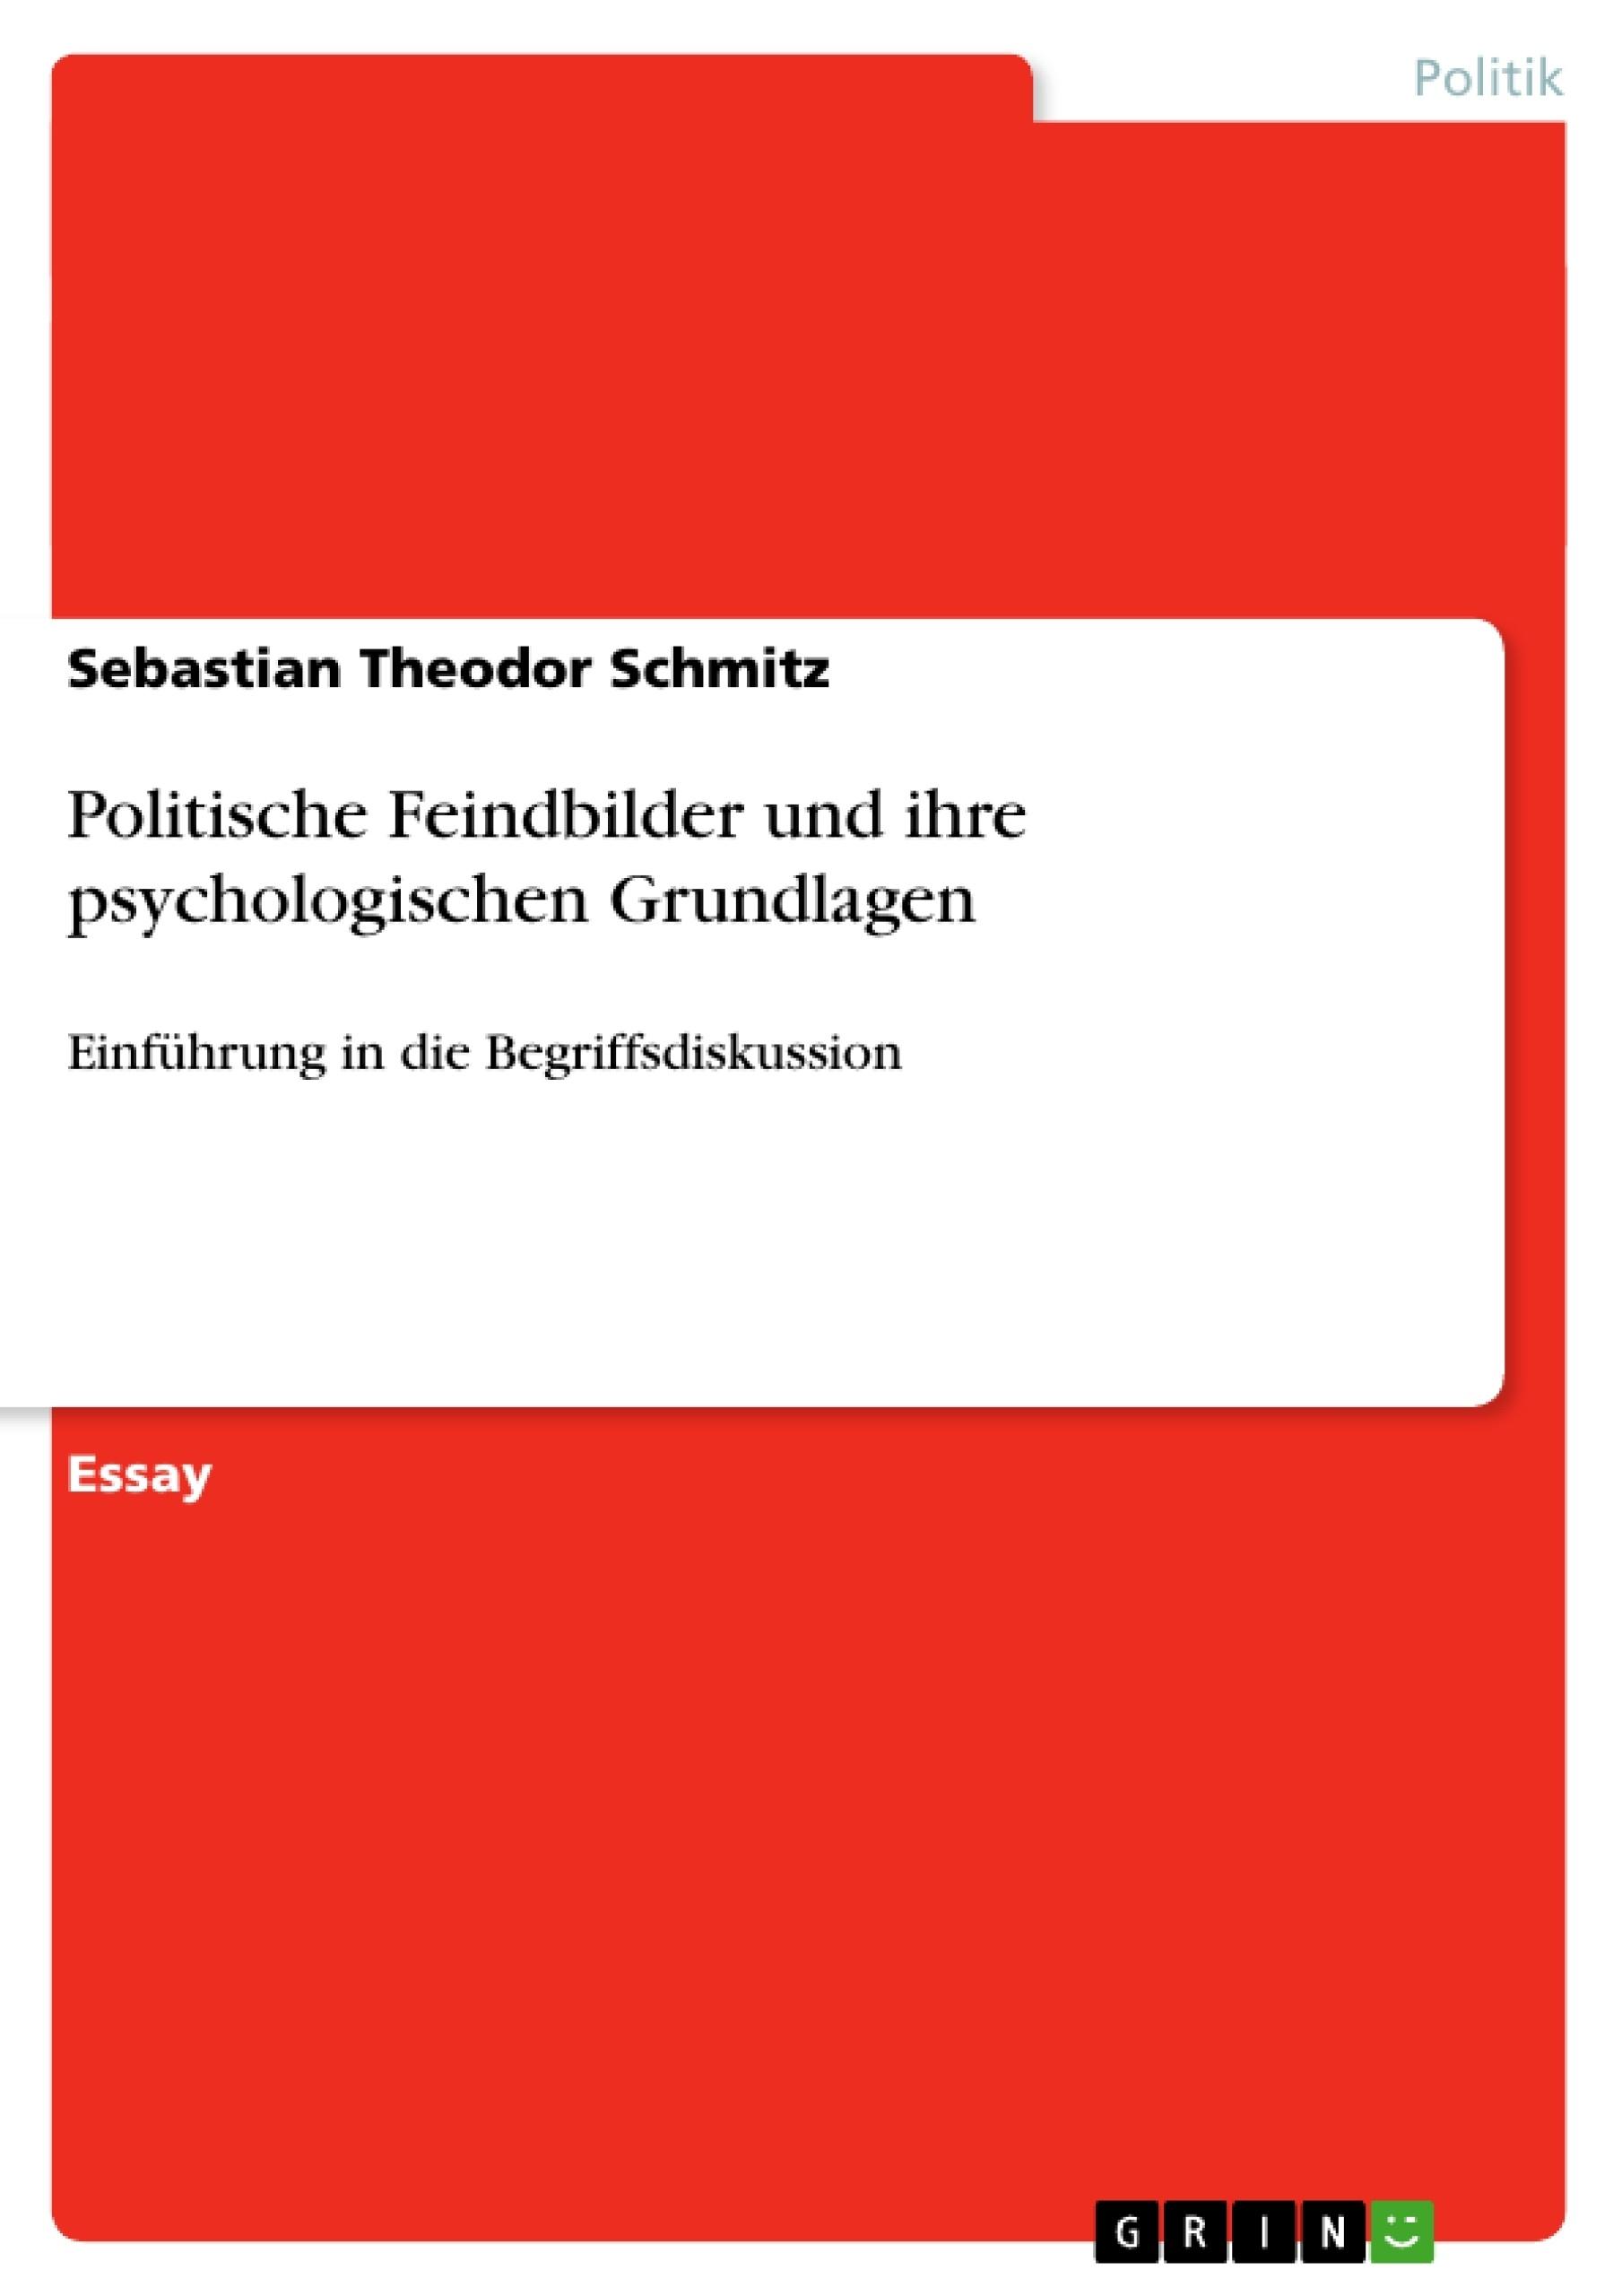 Titel: Politische Feindbilder und ihre psychologischen Grundlagen